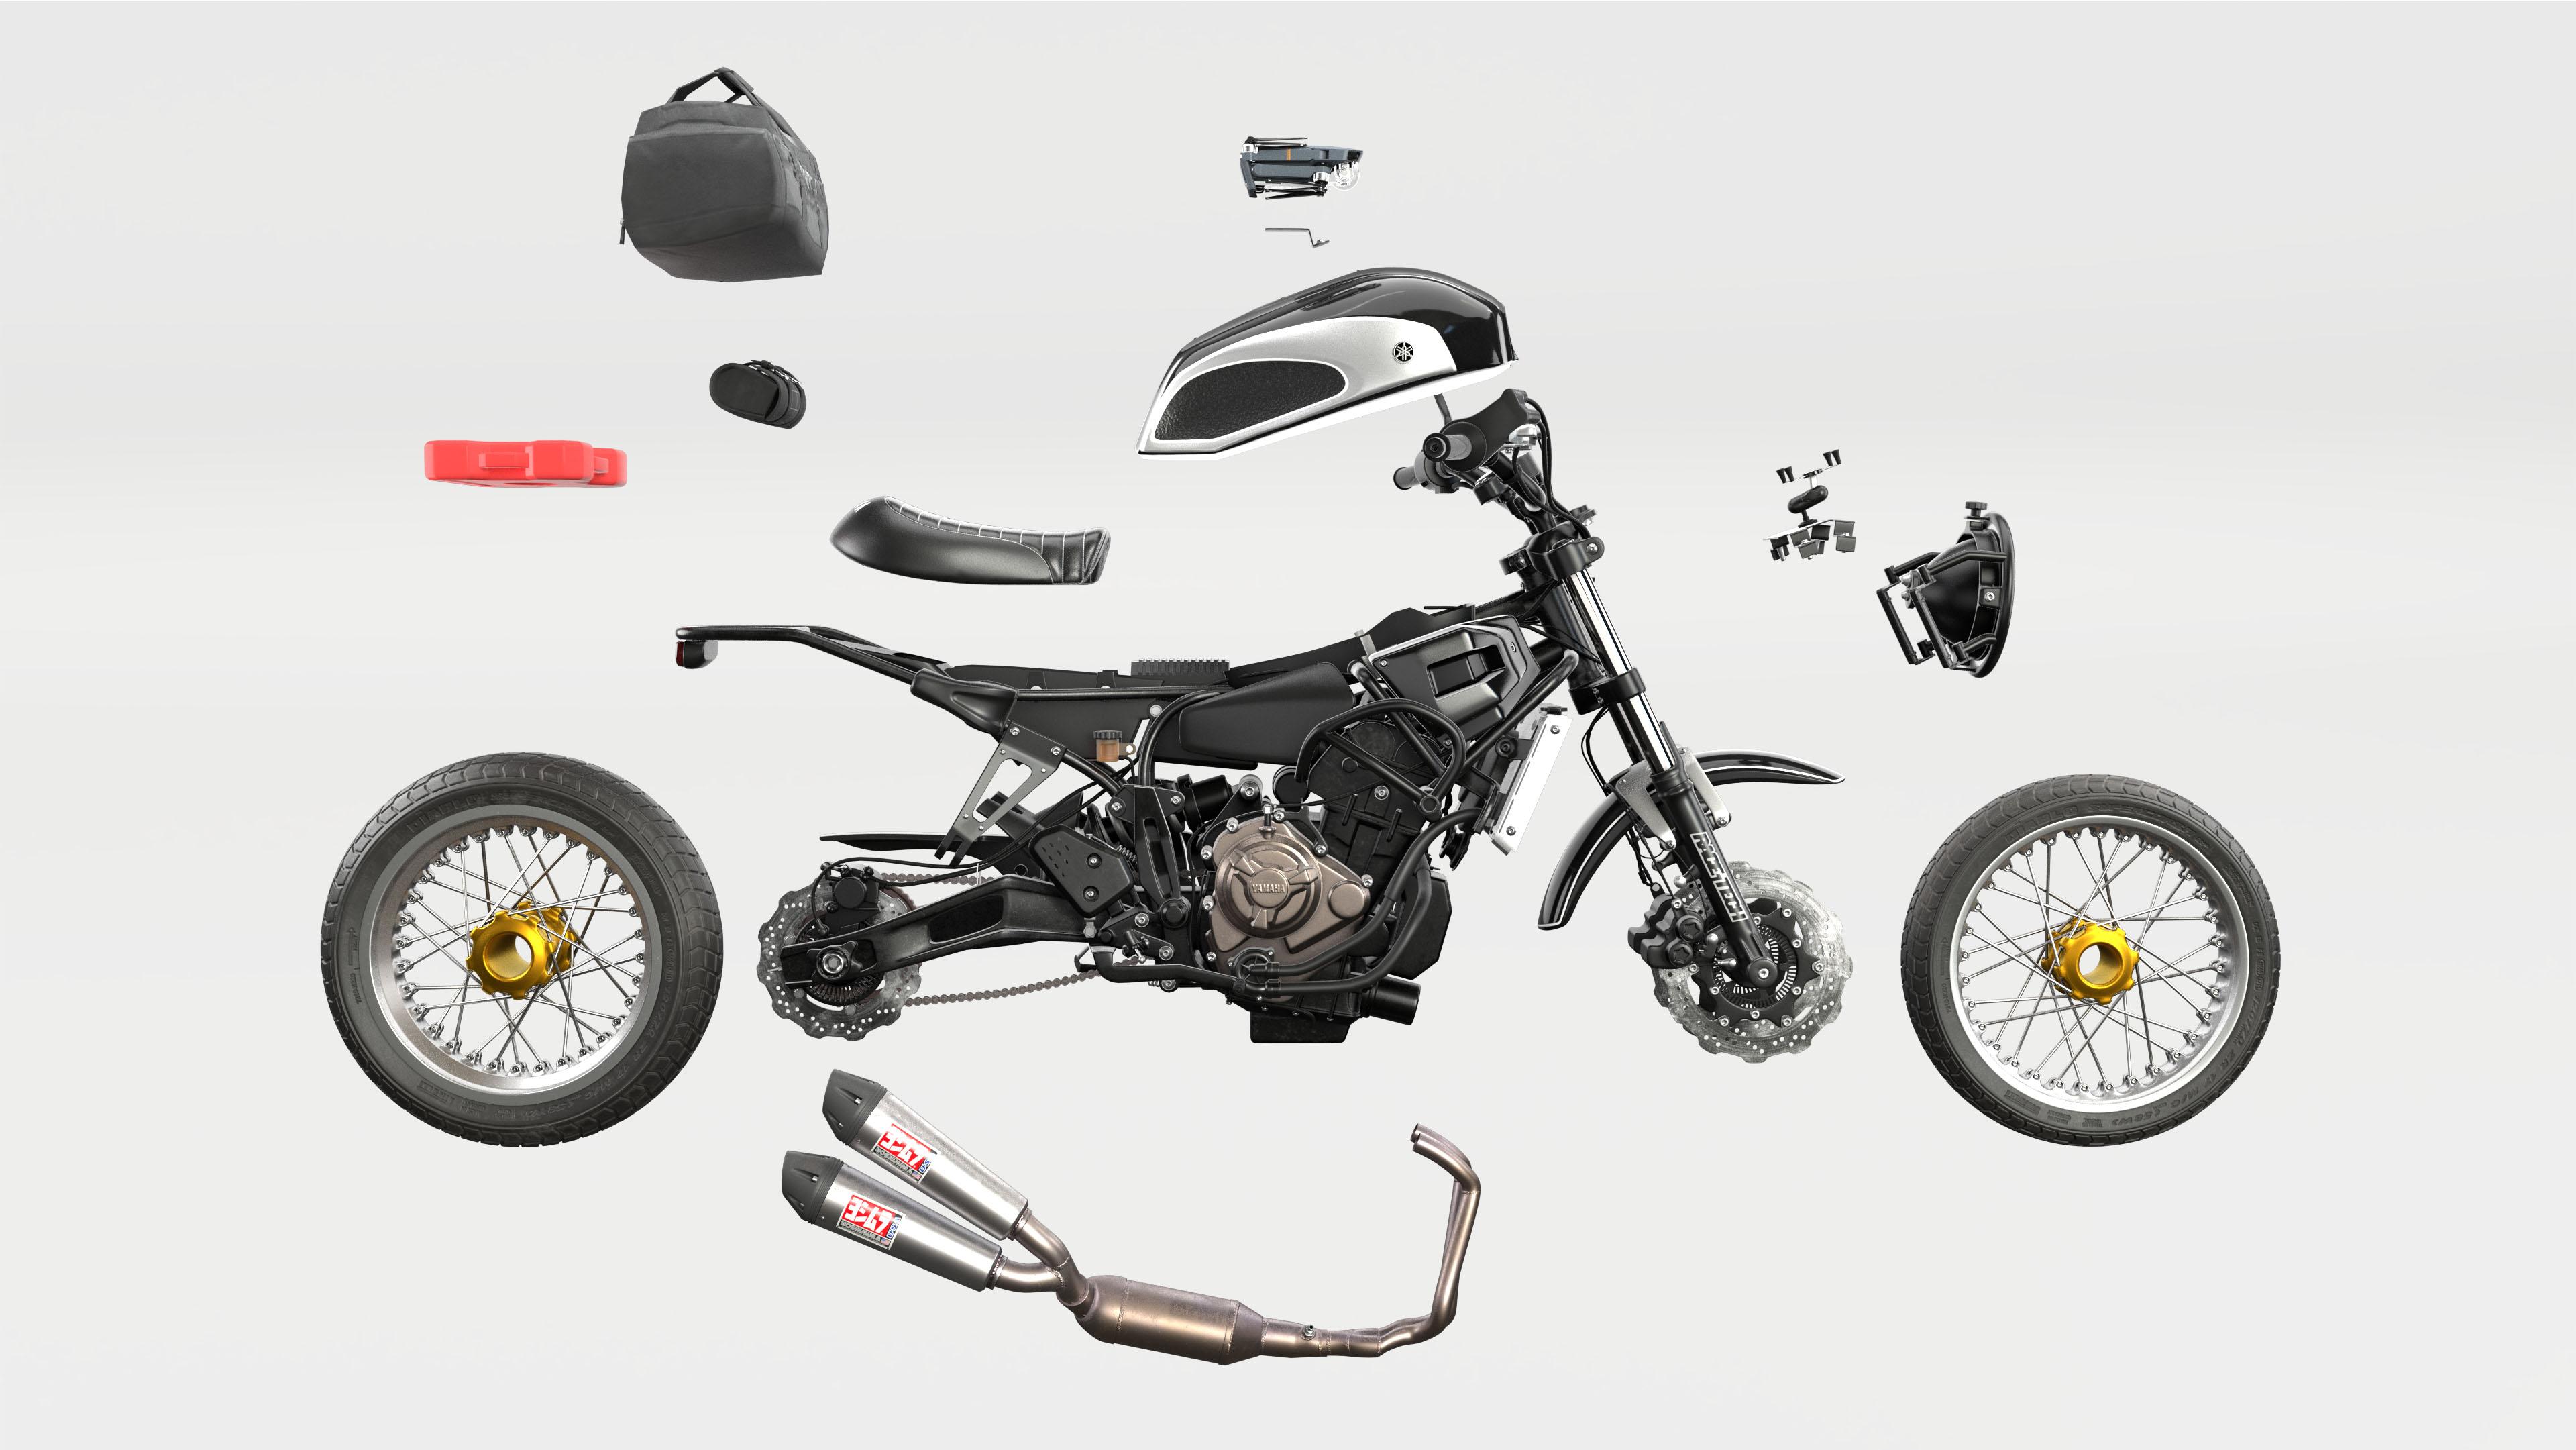 Velomacchi Yamaha Xsr700 Based Rural Racer Project